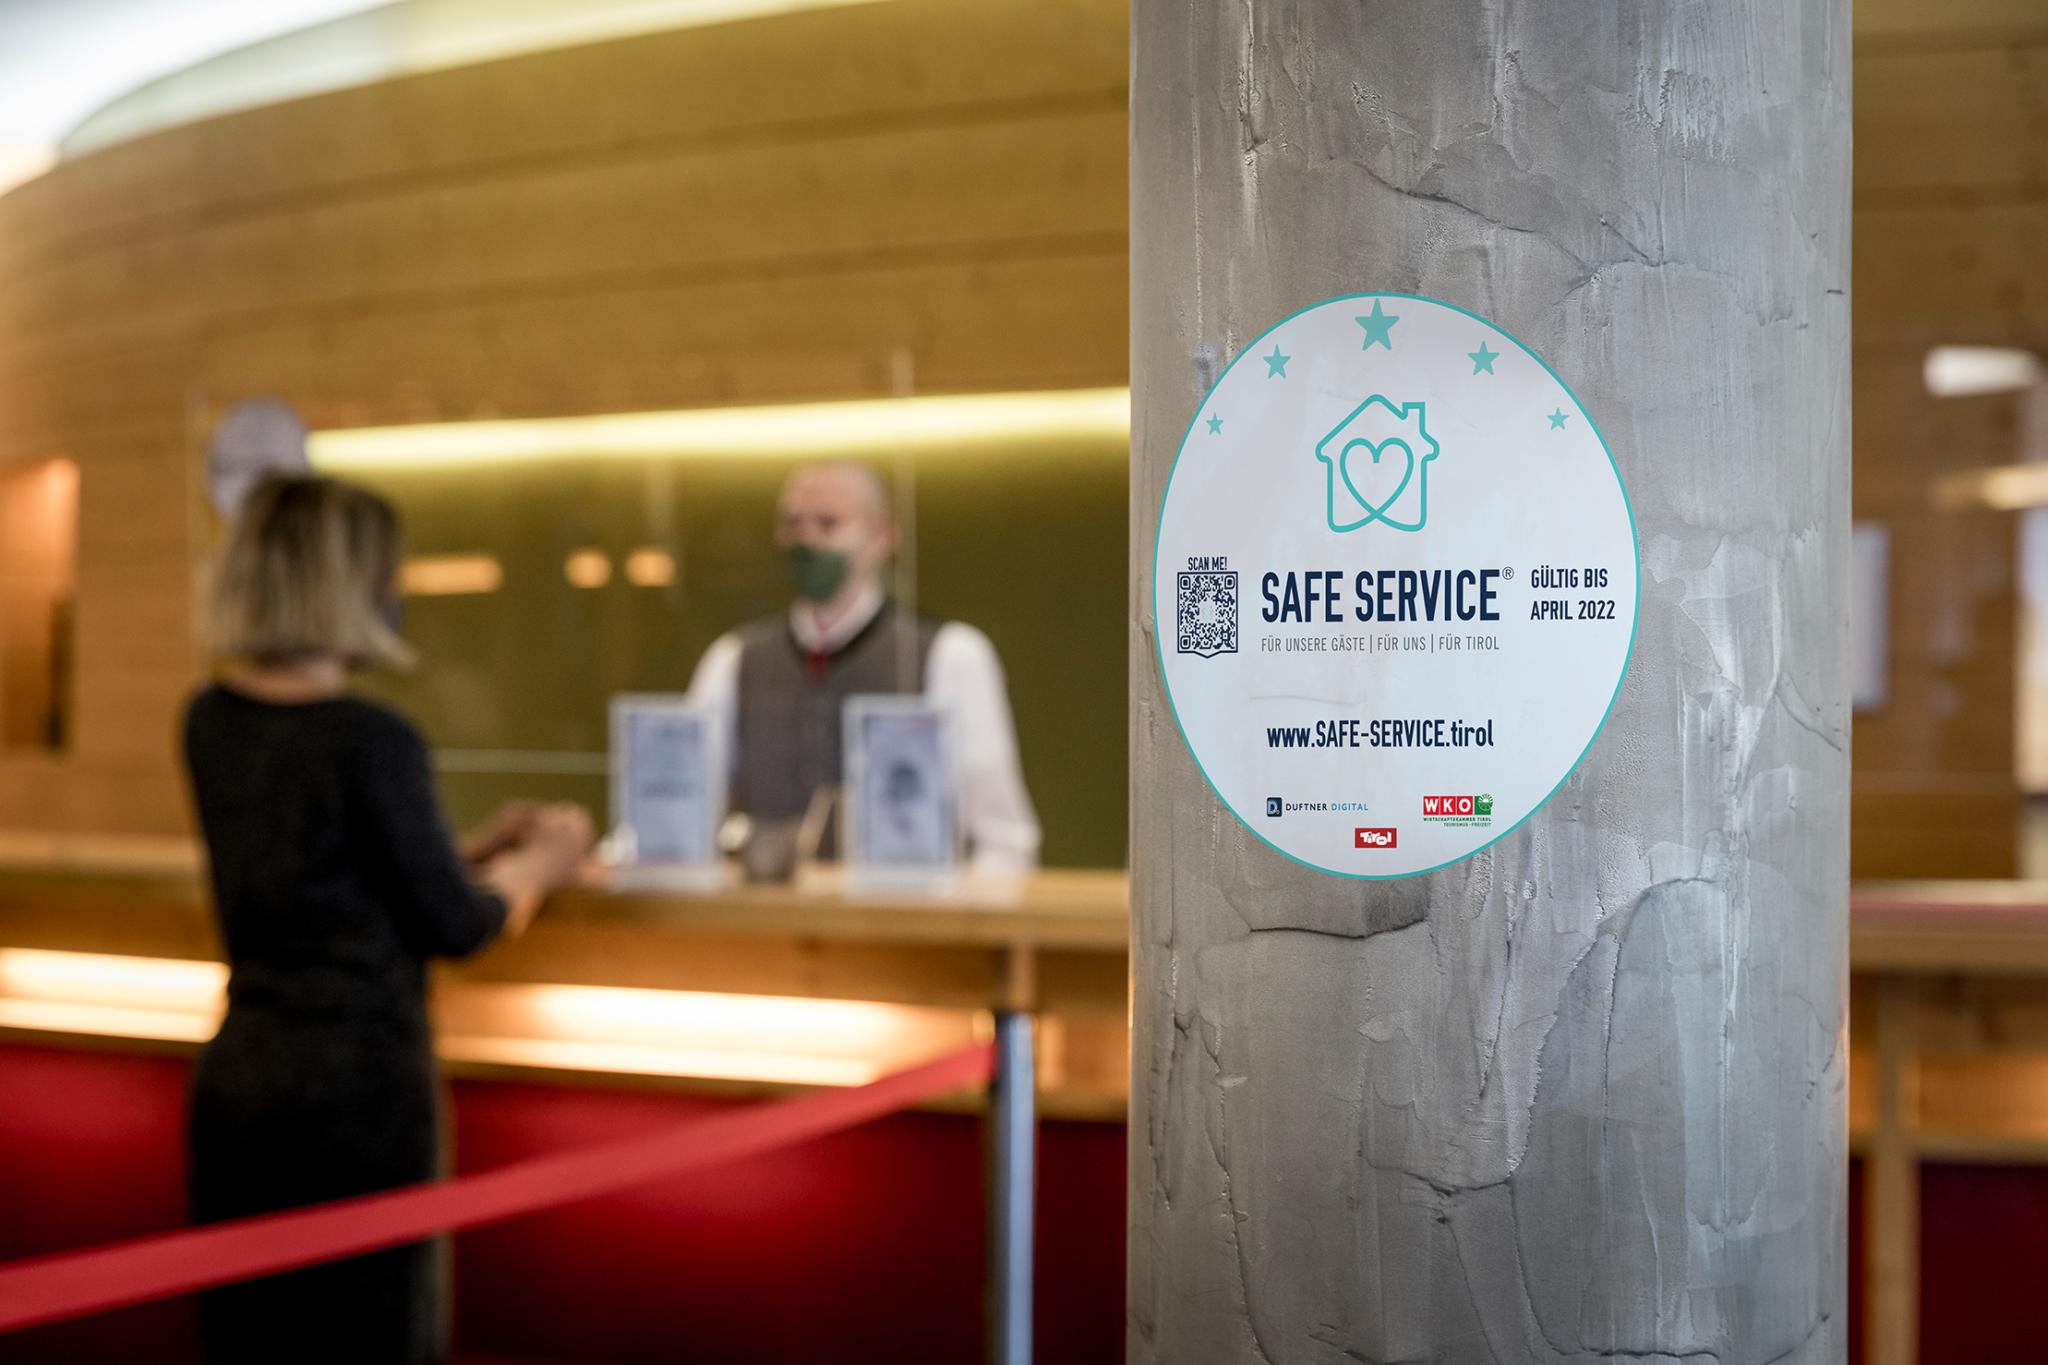 """Die kostenlose """"Safe Service® Tirol""""-Initiative bietet den Betrieben auch Kommunikationsmittel, um sich mit Zertifikat und Sticker sichtbar nach außen als verantwortungsvoller Gastgeber zu positionieren."""